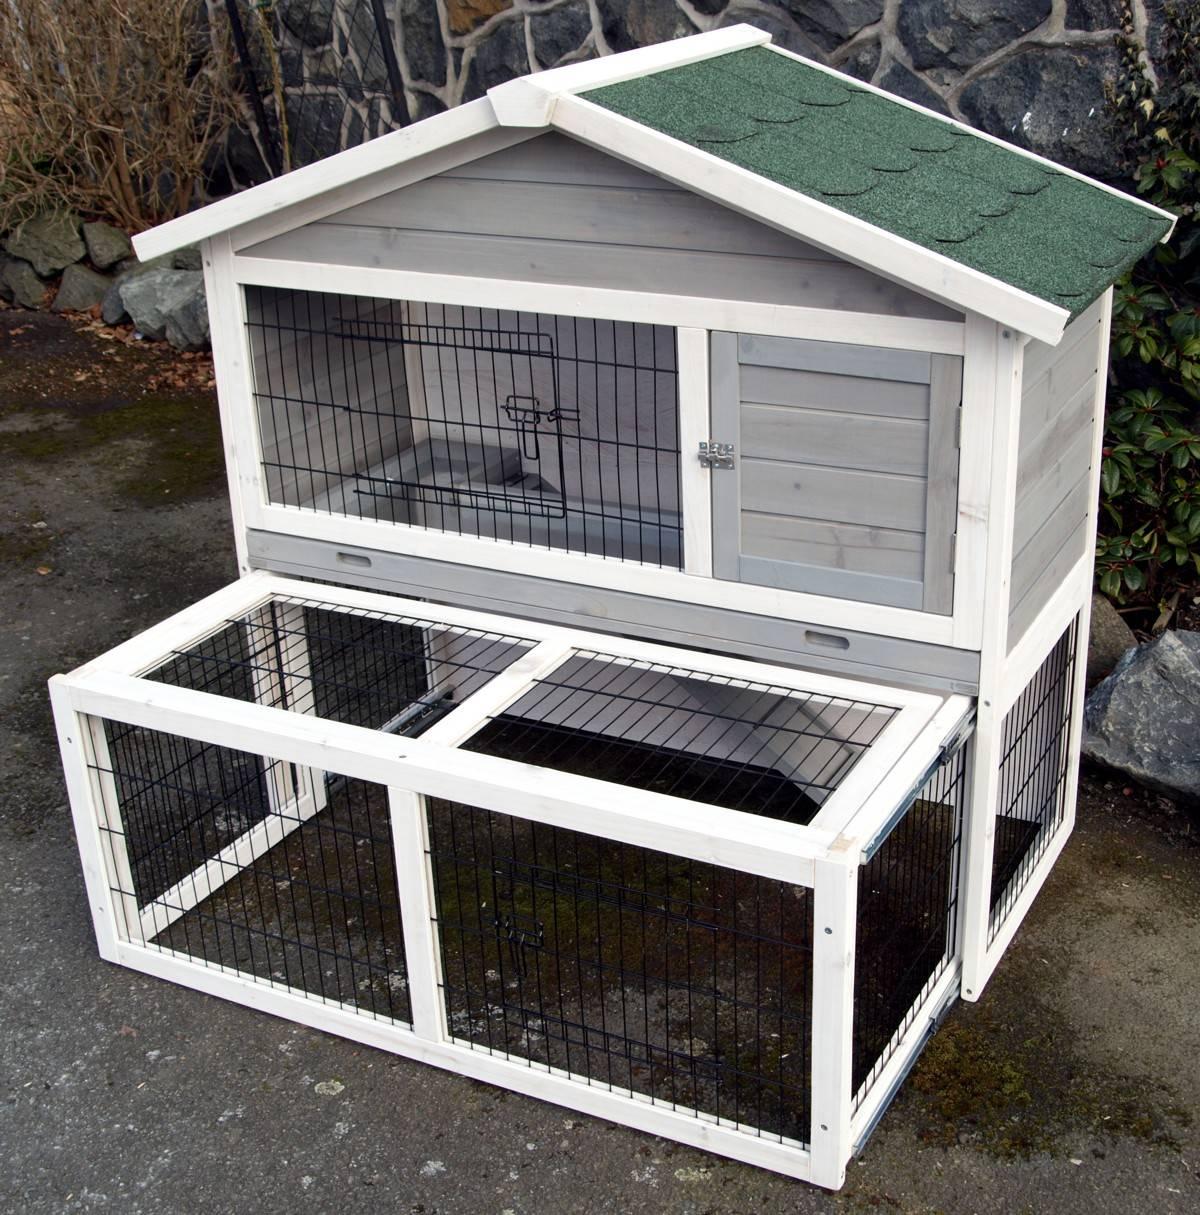 kleintierstall hasenstall kaninchenstall phoenix mit. Black Bedroom Furniture Sets. Home Design Ideas